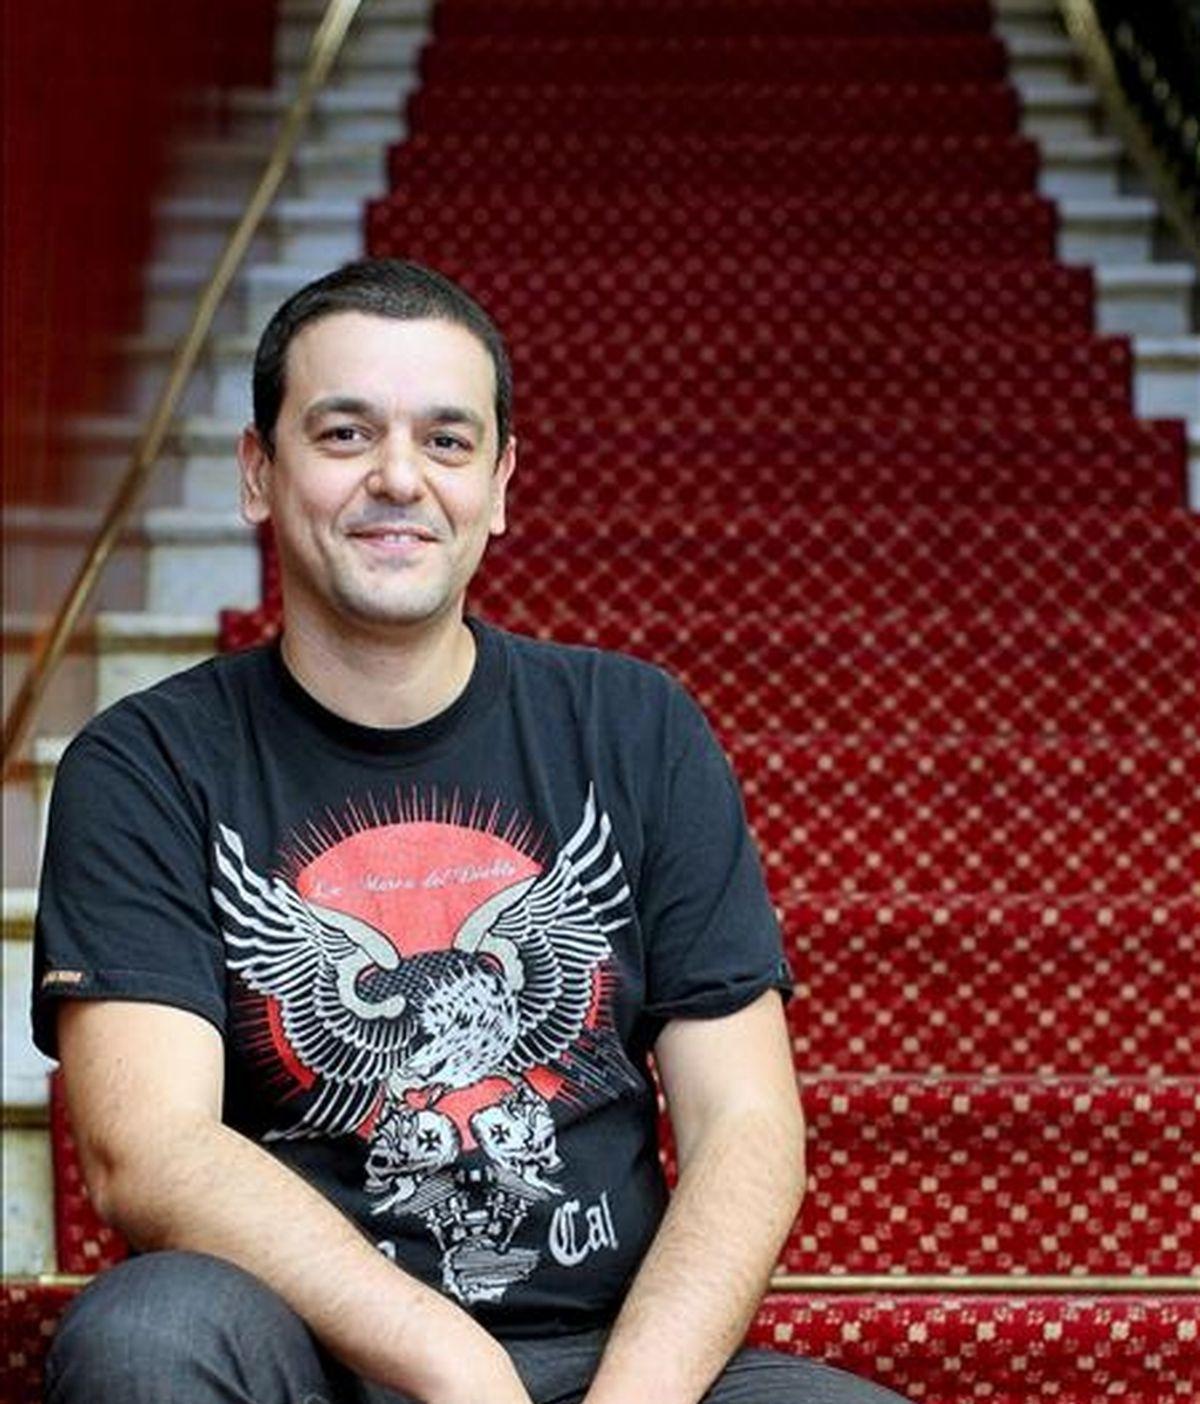 El director de cine, dibujante y guionista de comics francés Joann Sfar. EFE